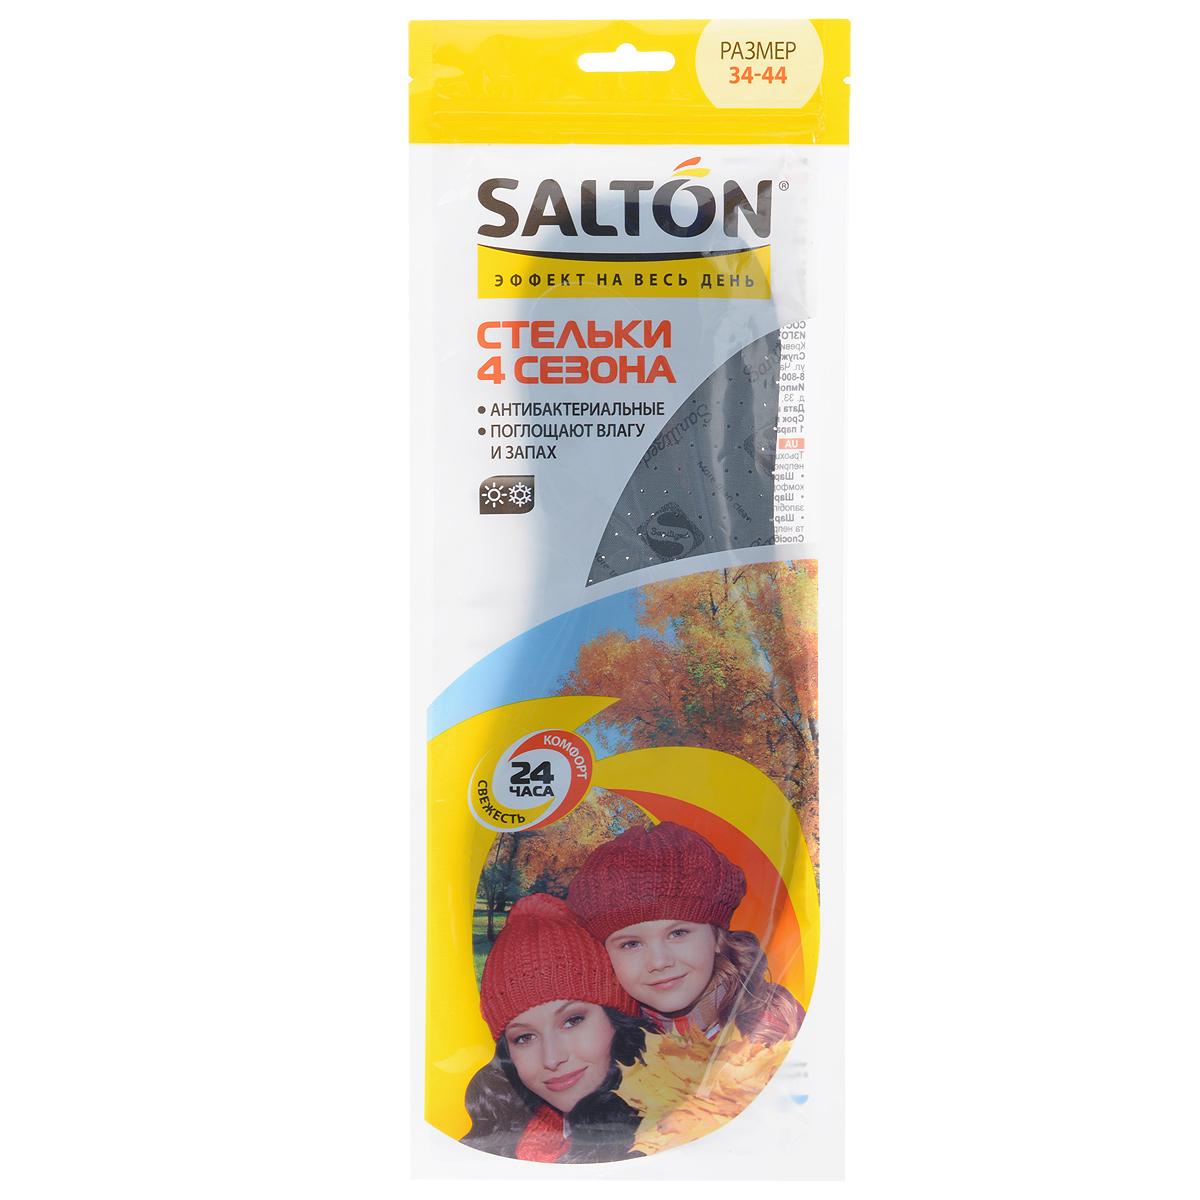 Стельки Salton 4 сезона, размер 34-4426258851Стельки Salton 4 сезона имеют трехслойную структуру, обеспечивающую комфорт при ходьбе и эффективно удаляющую неприятный запах в обуви: - слой с покрытием из натурального хлопка обеспечивает тактильный комфорт для стоп; - слой из вспененного латекса с антибактериальной пропиткой SANITIZED препятствует размножению бактерий; - слой из вспененного латекса с активированным углем впитывает влагу и неприятные запахи. Размер ноги: 34-44. Размер стельки (ДхШхВ): 30 см х 10 см х 0,5 см. Материал: хлопок, активированный уголь, латекс.